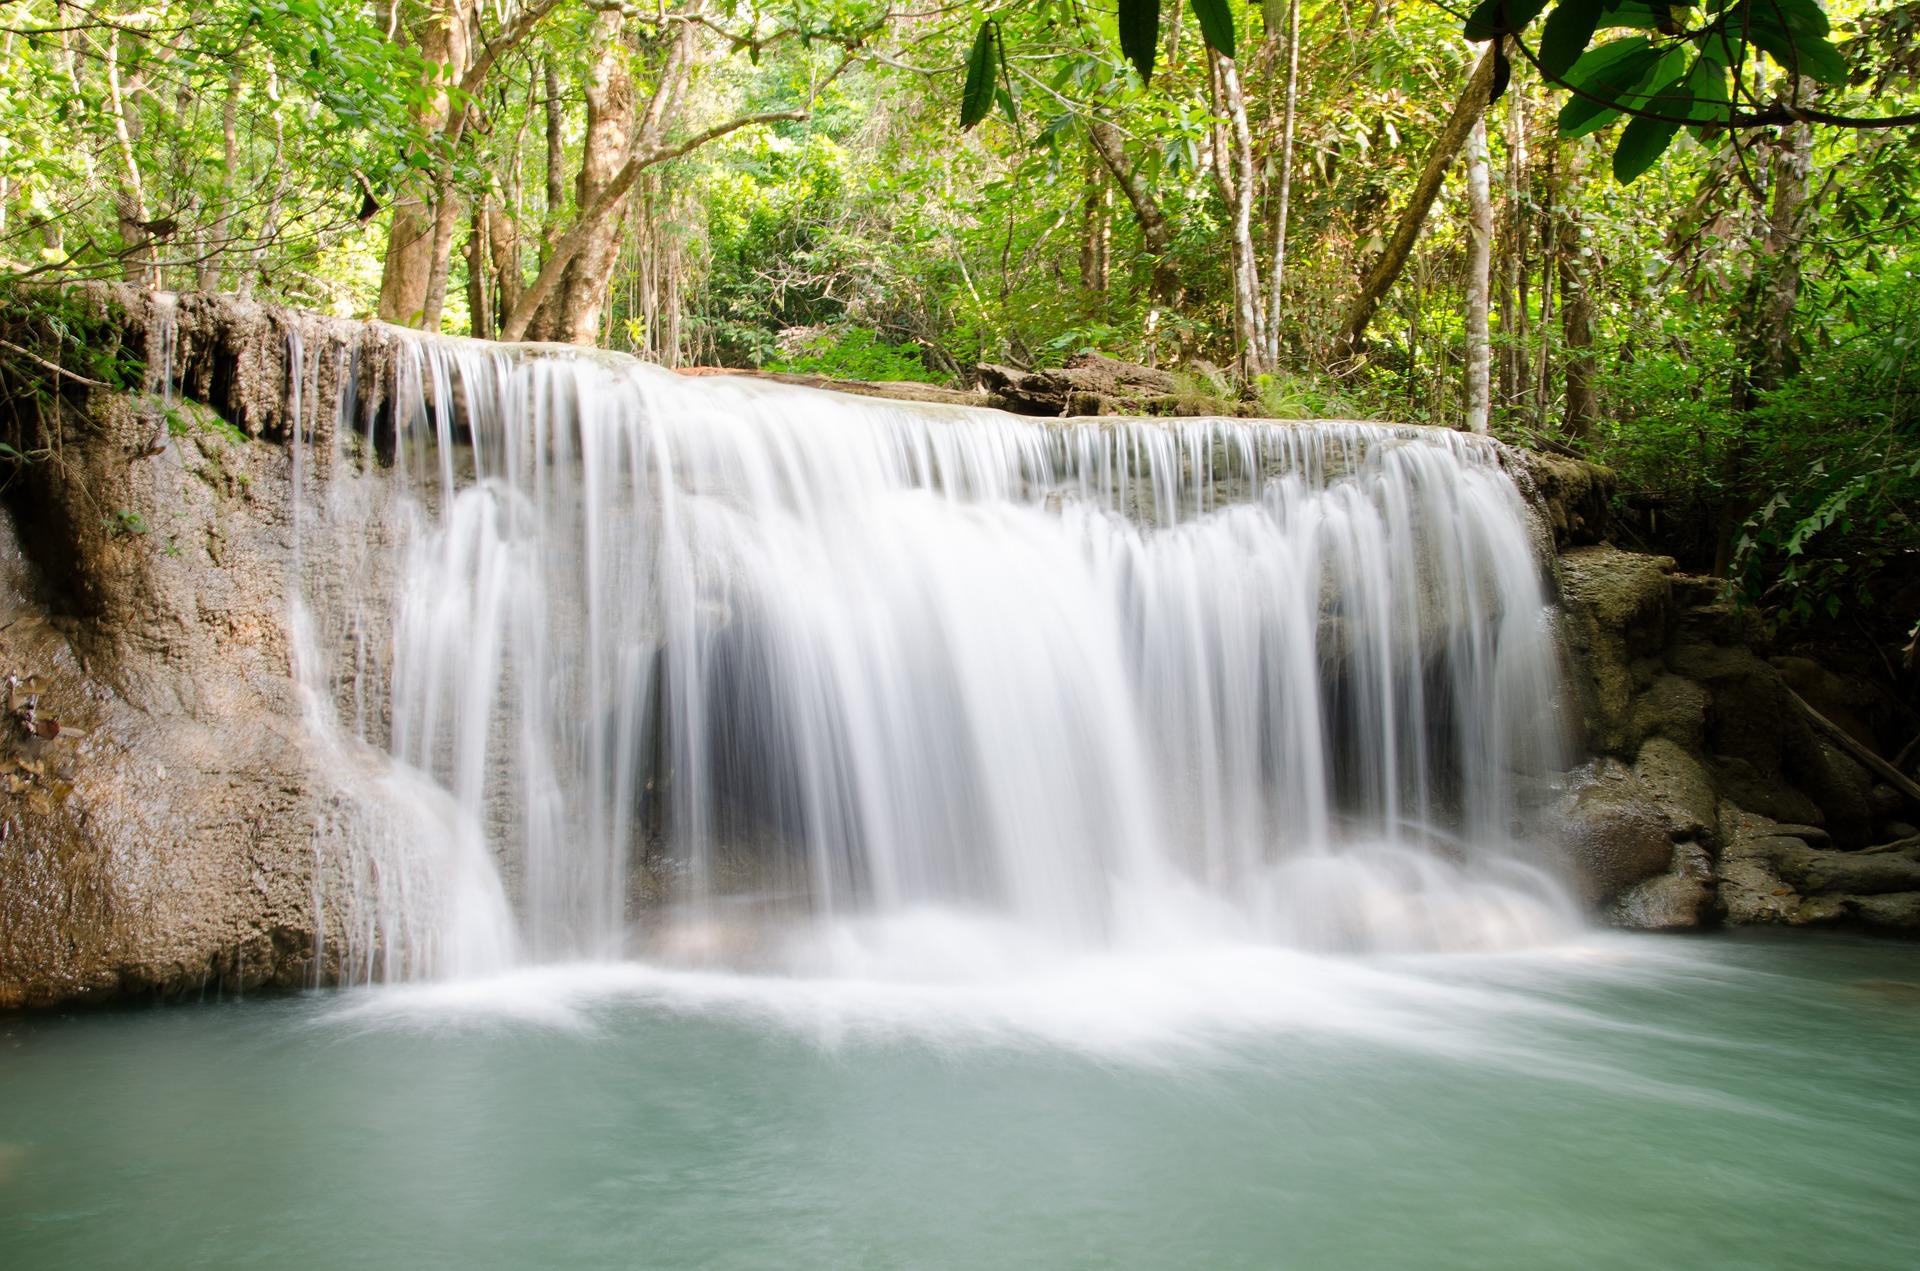 chutes_d_eau_mae_khamin_thailande